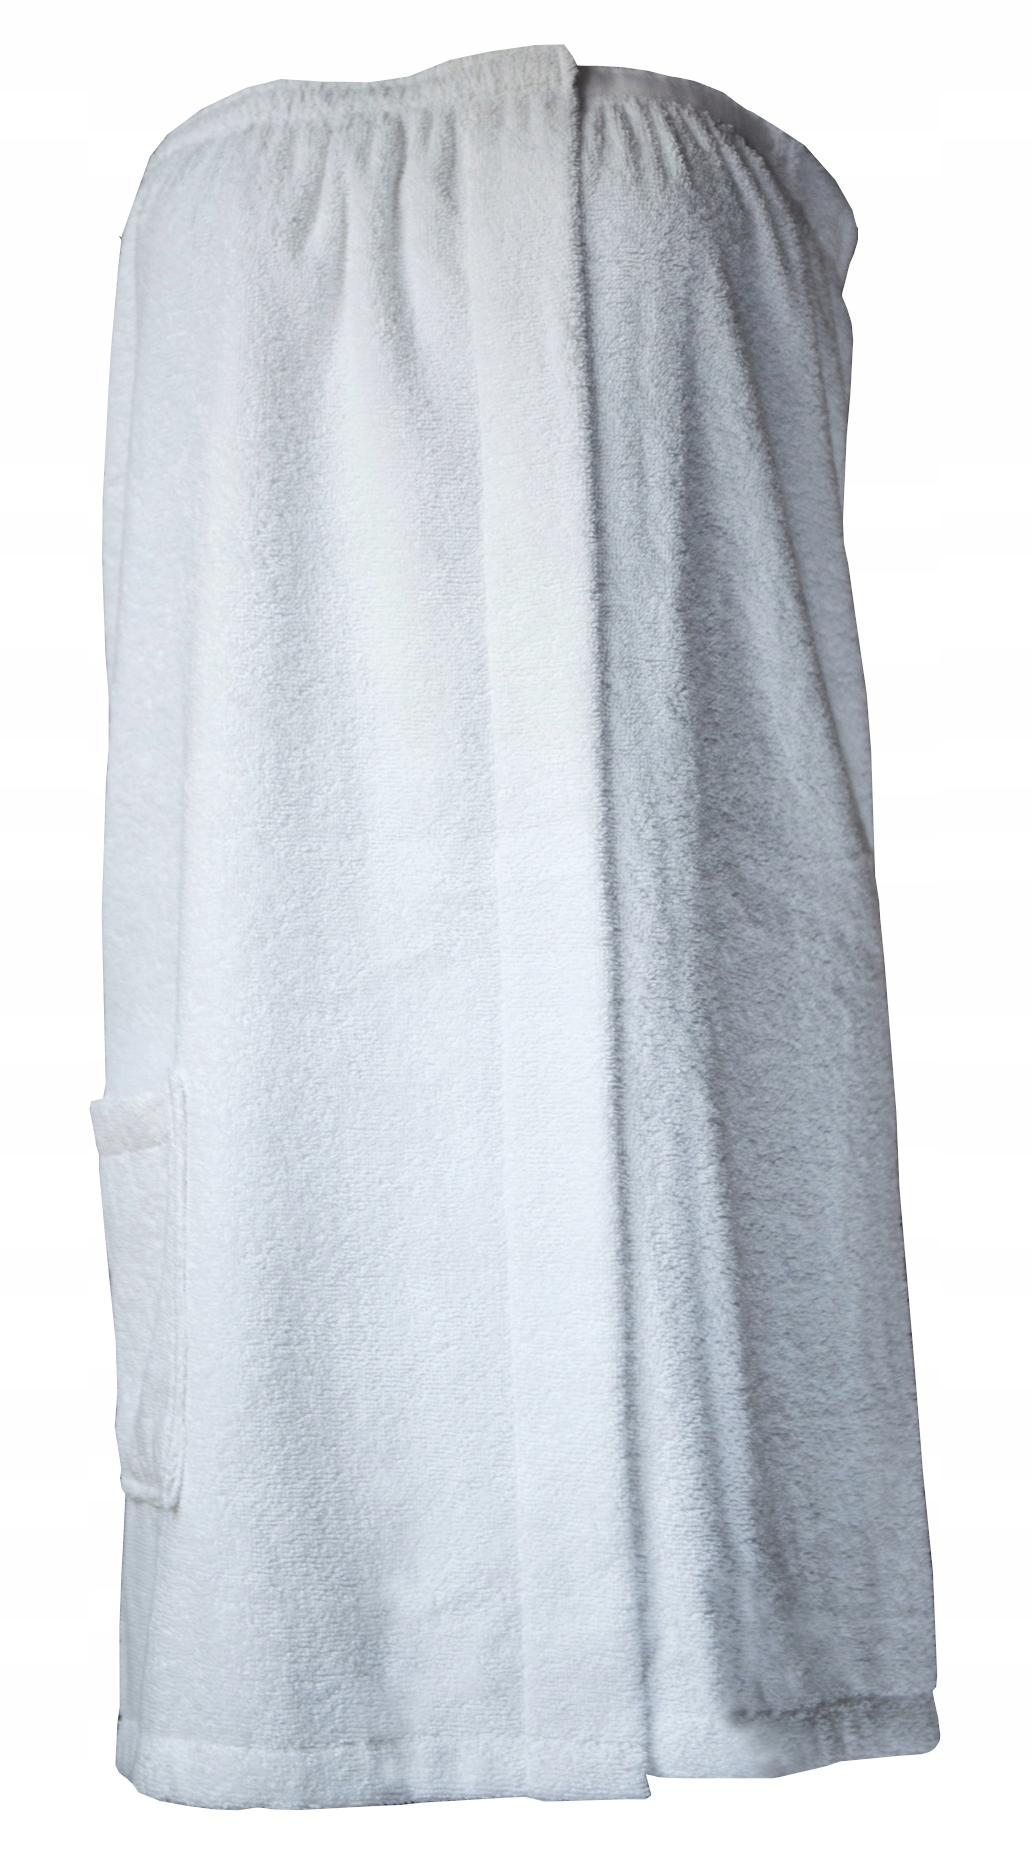 Pareo dámske uteráky 100% bavlnené kúpele sauna 75x162